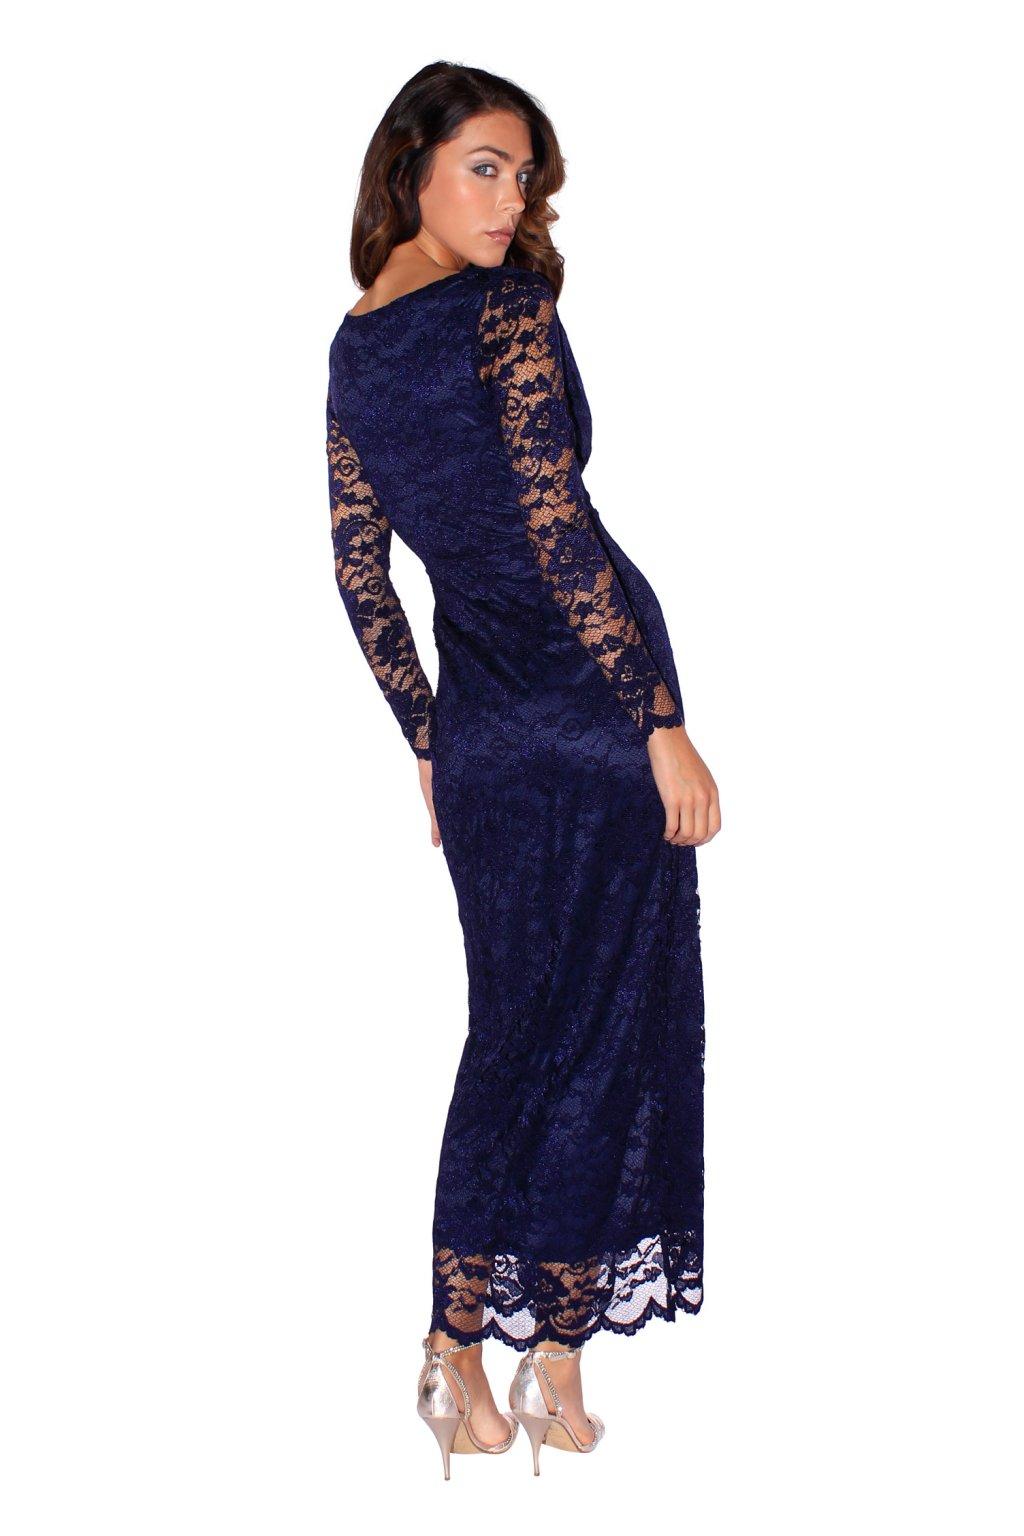 a12fe310eb0 ... Dlouhé šaty Luxuriously s vysokým rozparkem modré 3 ...